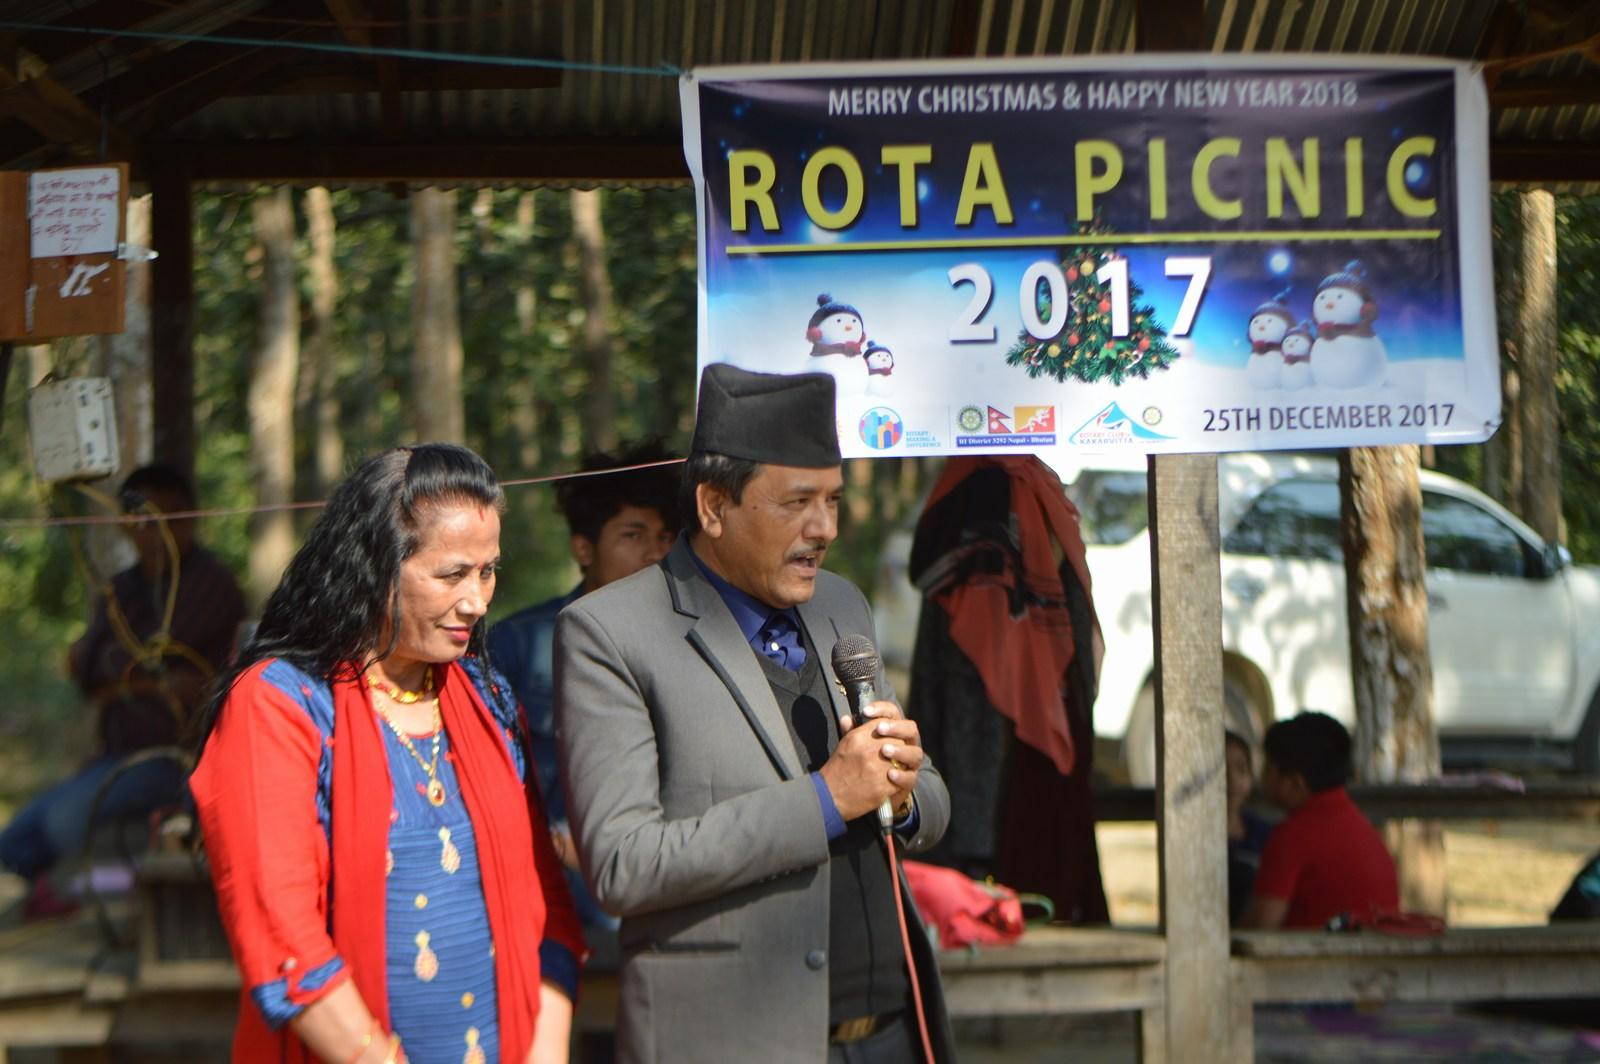 Rota-Picnic-2017-Rotary-Club-of-Kakarvitta-63